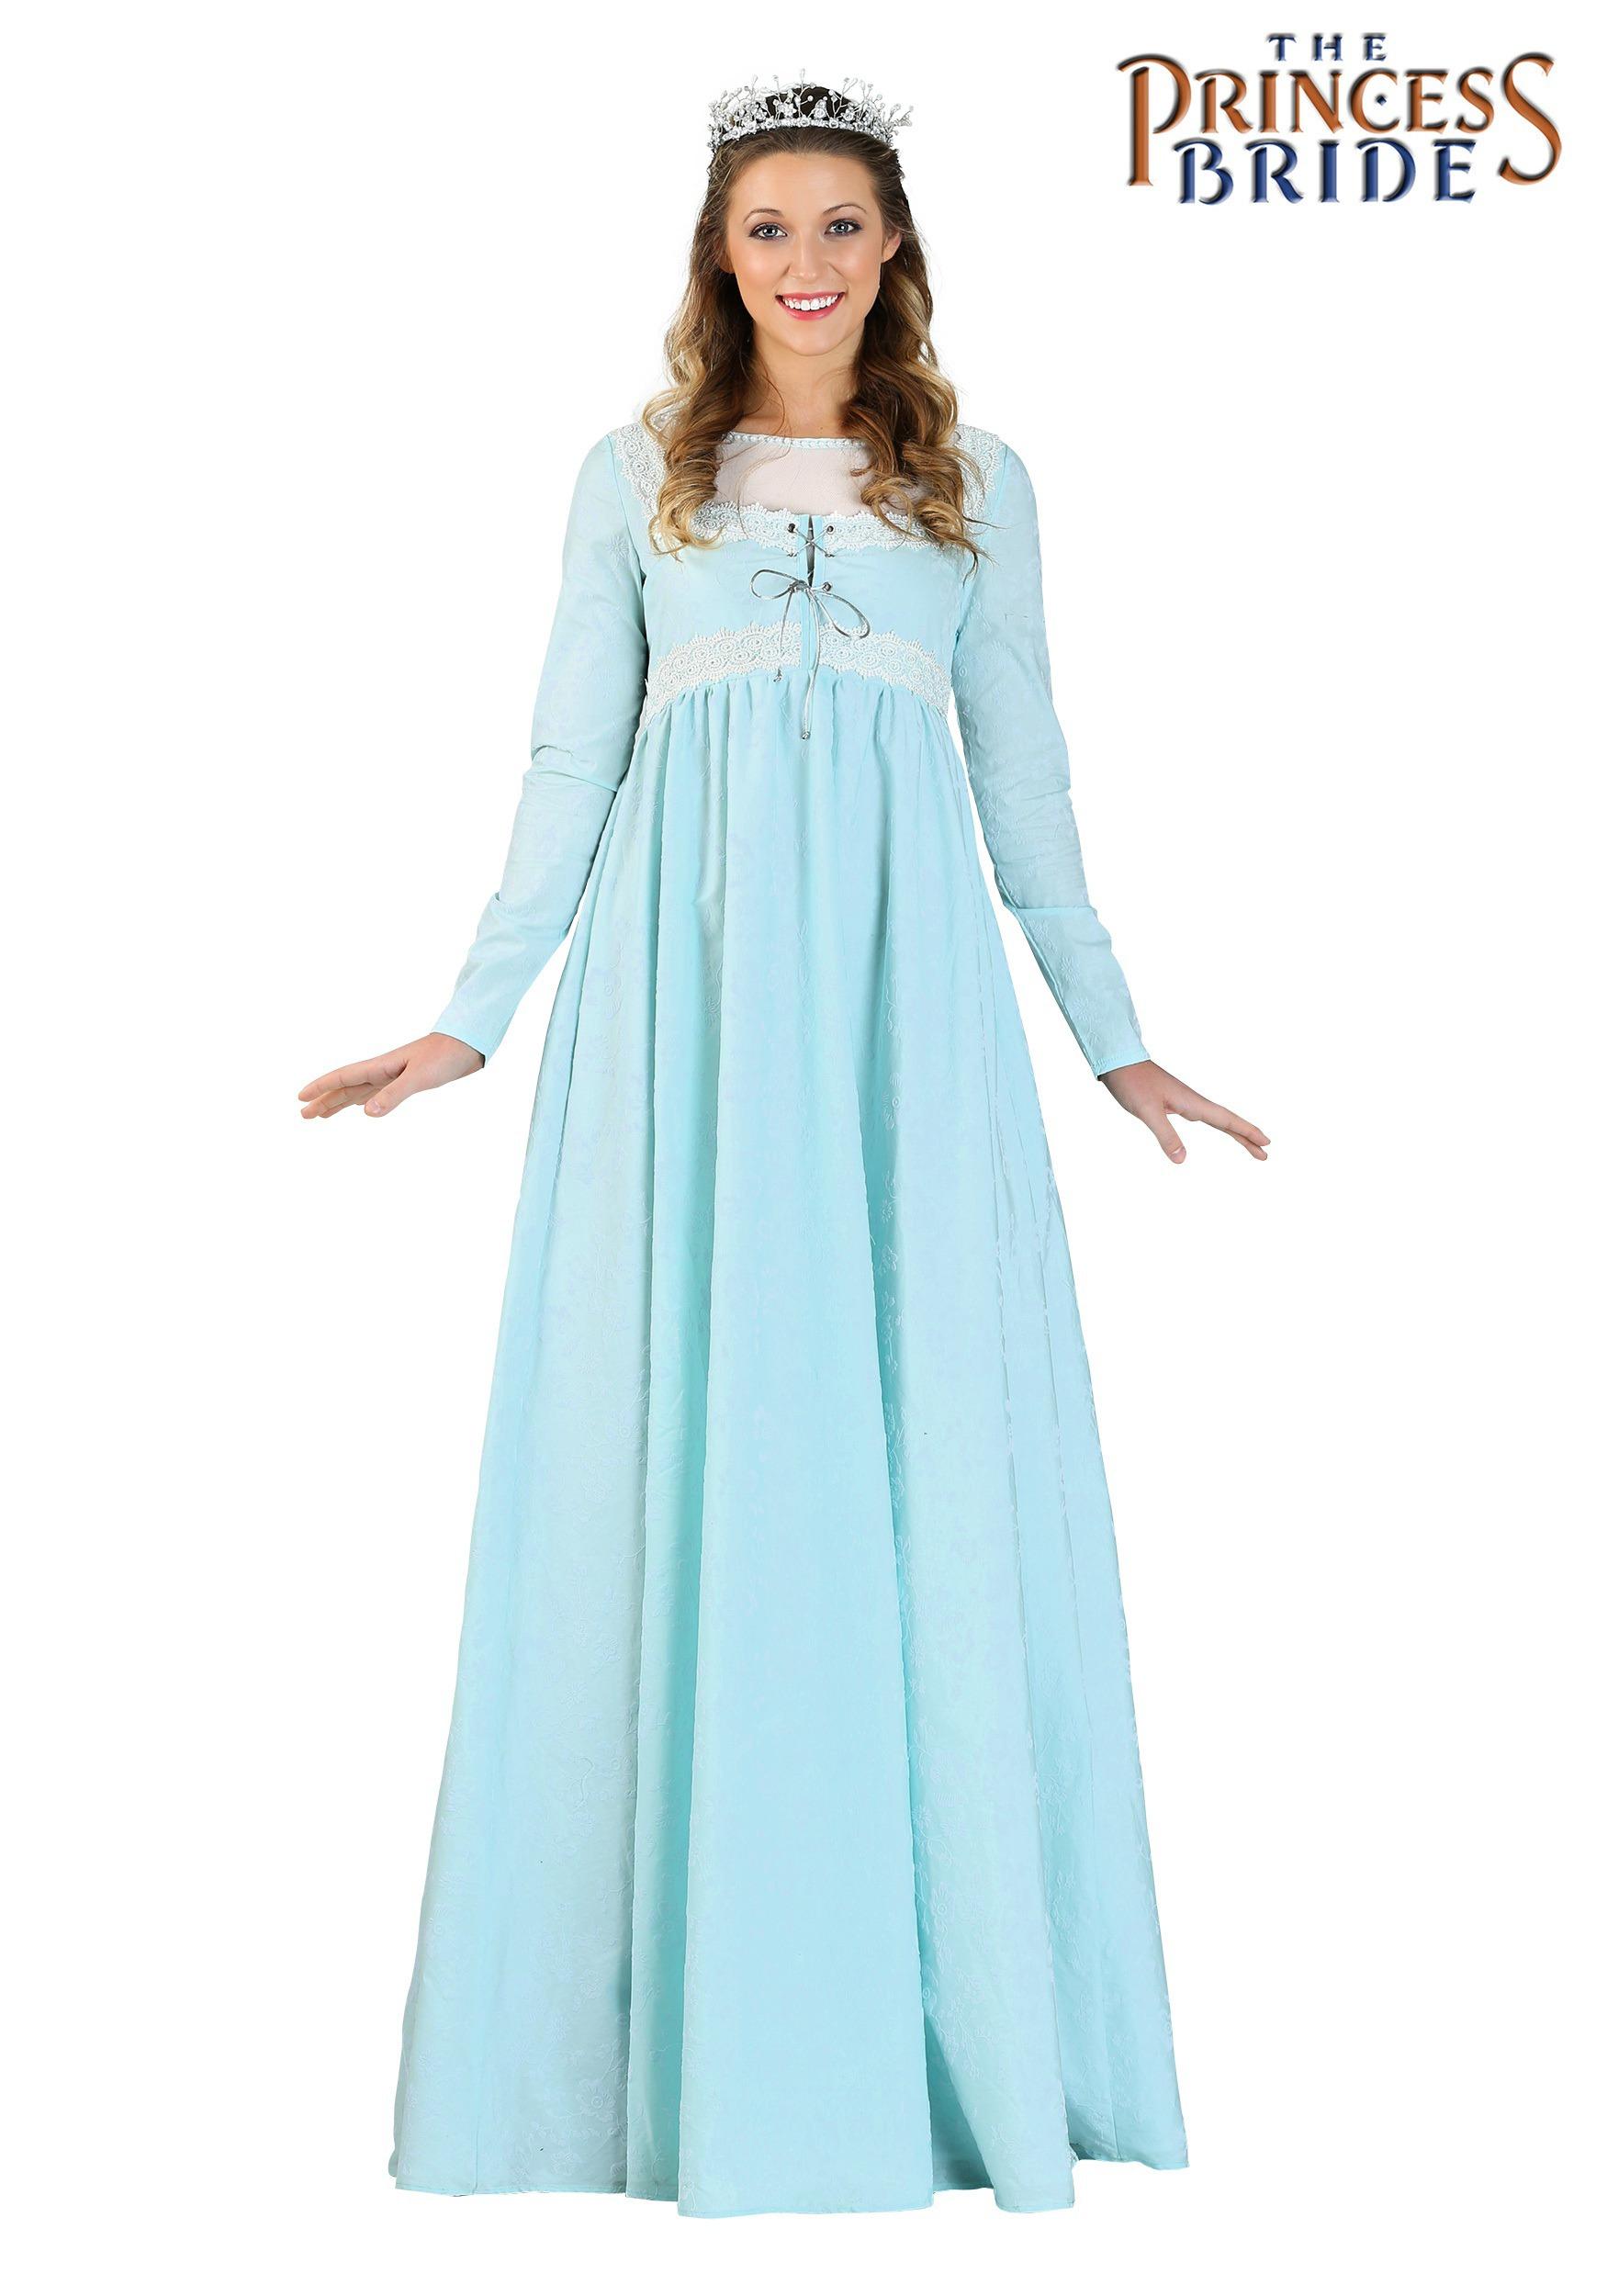 Princess Bride Buttercup Wedding Dress for Women